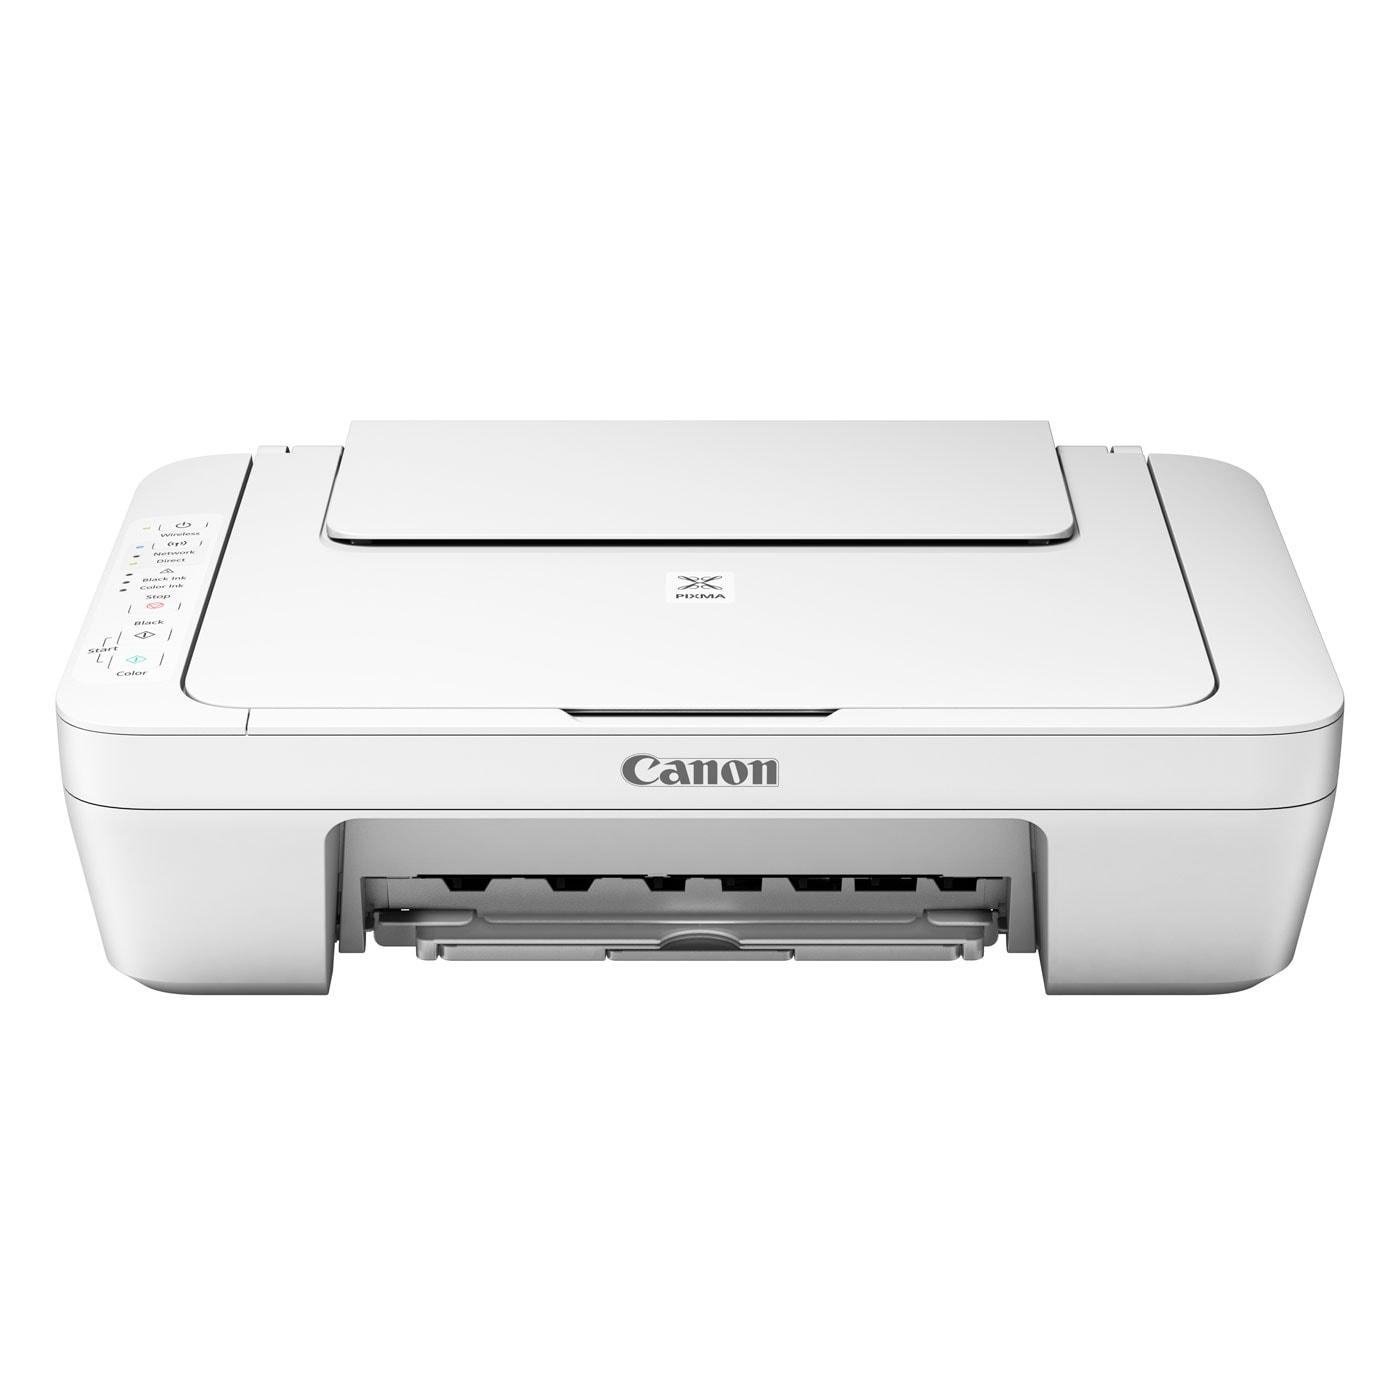 Imprimante multifonction Canon PIXMA MG3051 Blanche - Cybertek.fr - 0